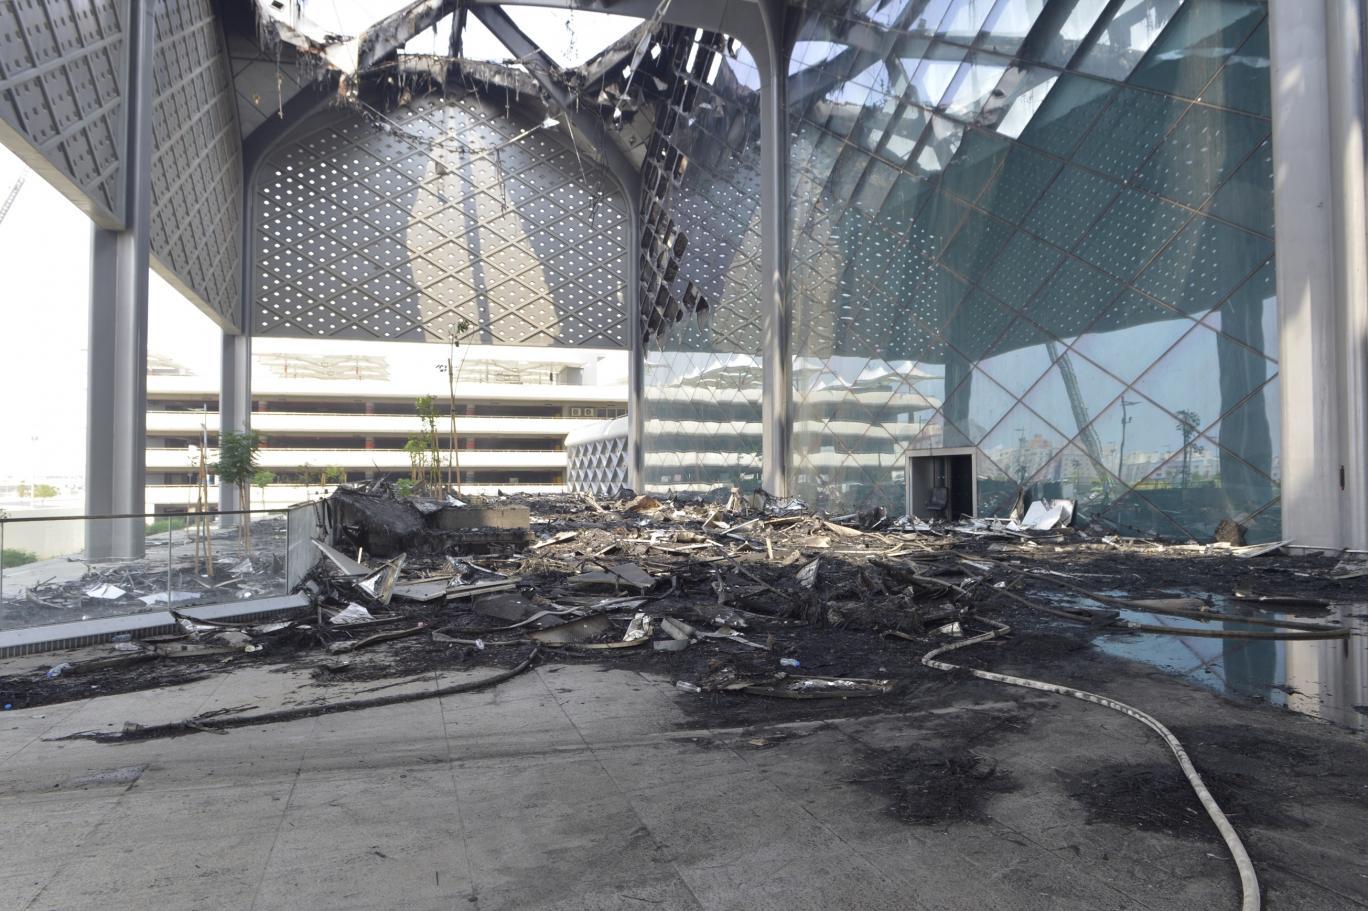 بدء التحقيق في حريق قطار الحرمين وتساؤلات حول ترسية المشروع